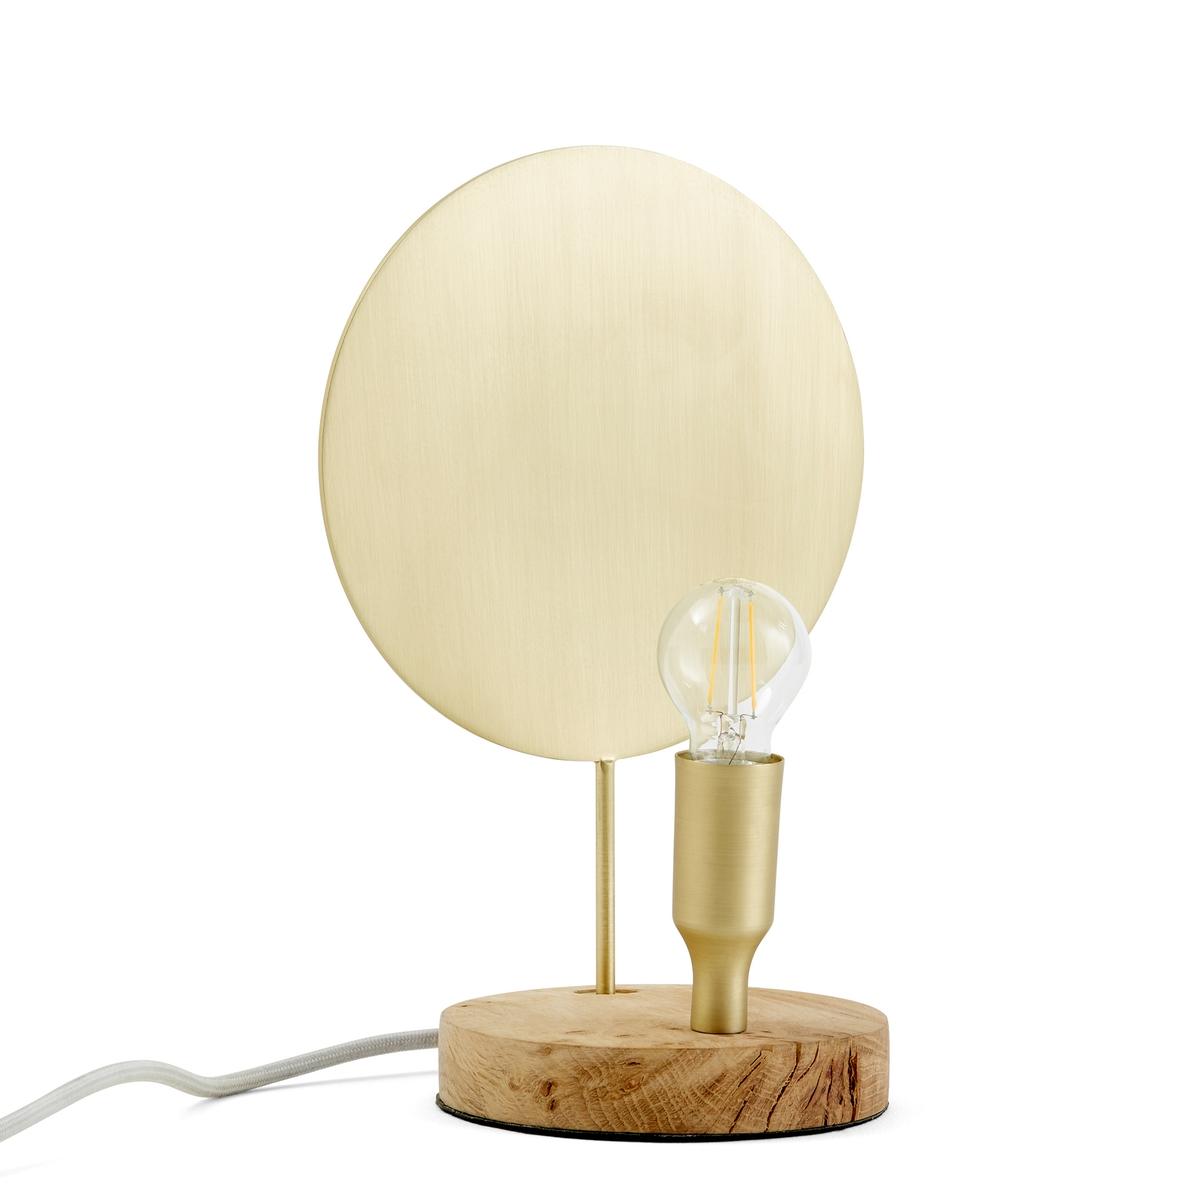 Лампа настольная, SynaxeНастольная лампа Synaxe. Декоративная лампа в духе старинных подсвечников с сочетанием дуба и латуни. Ее свет, отражающийся на латунном диске, напоминает о свете свечей.Характеристики:- Основание из дуба- Из металла черного цвета и латуни- Патрон E14 для светодиодной лампы макс. 10 Вт, продается отдельно.- Совместима с лампами класса энергопотребления A.Размеры:- ?12 x В37 см<br><br>Цвет: латунь